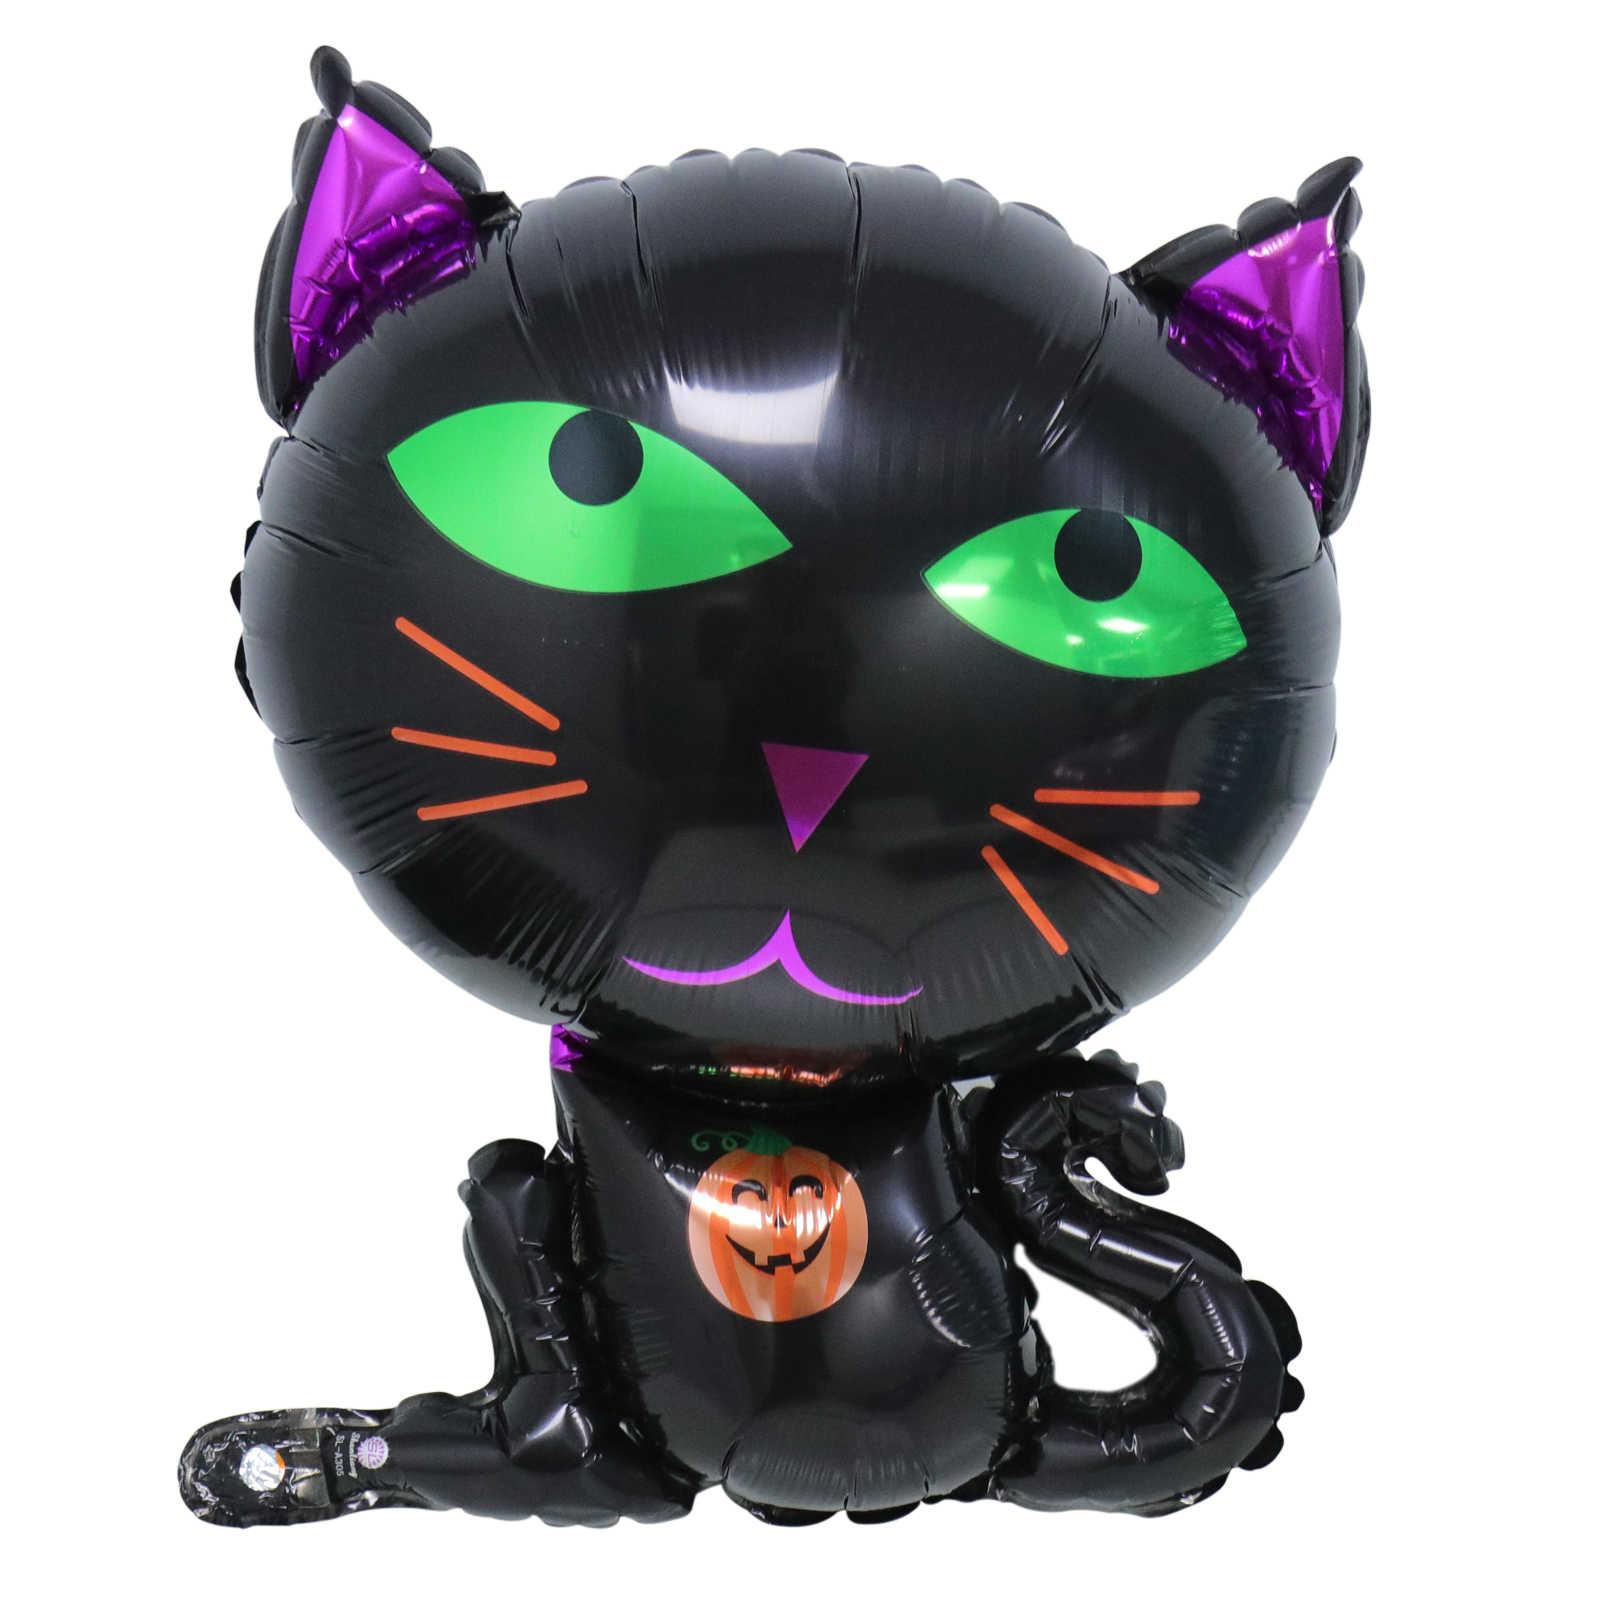 Черные воздушные шары из фольги с милым мультяшным котом для детей на день рождения, Хэллоуин, вечерние, свадебные игрушки для украшения своими руками